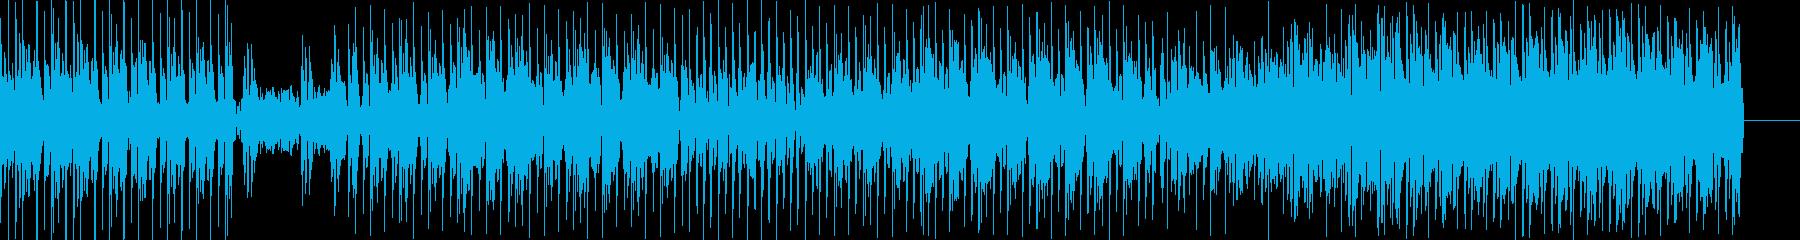 チルアウト/アシッドジャズグルーブ...の再生済みの波形